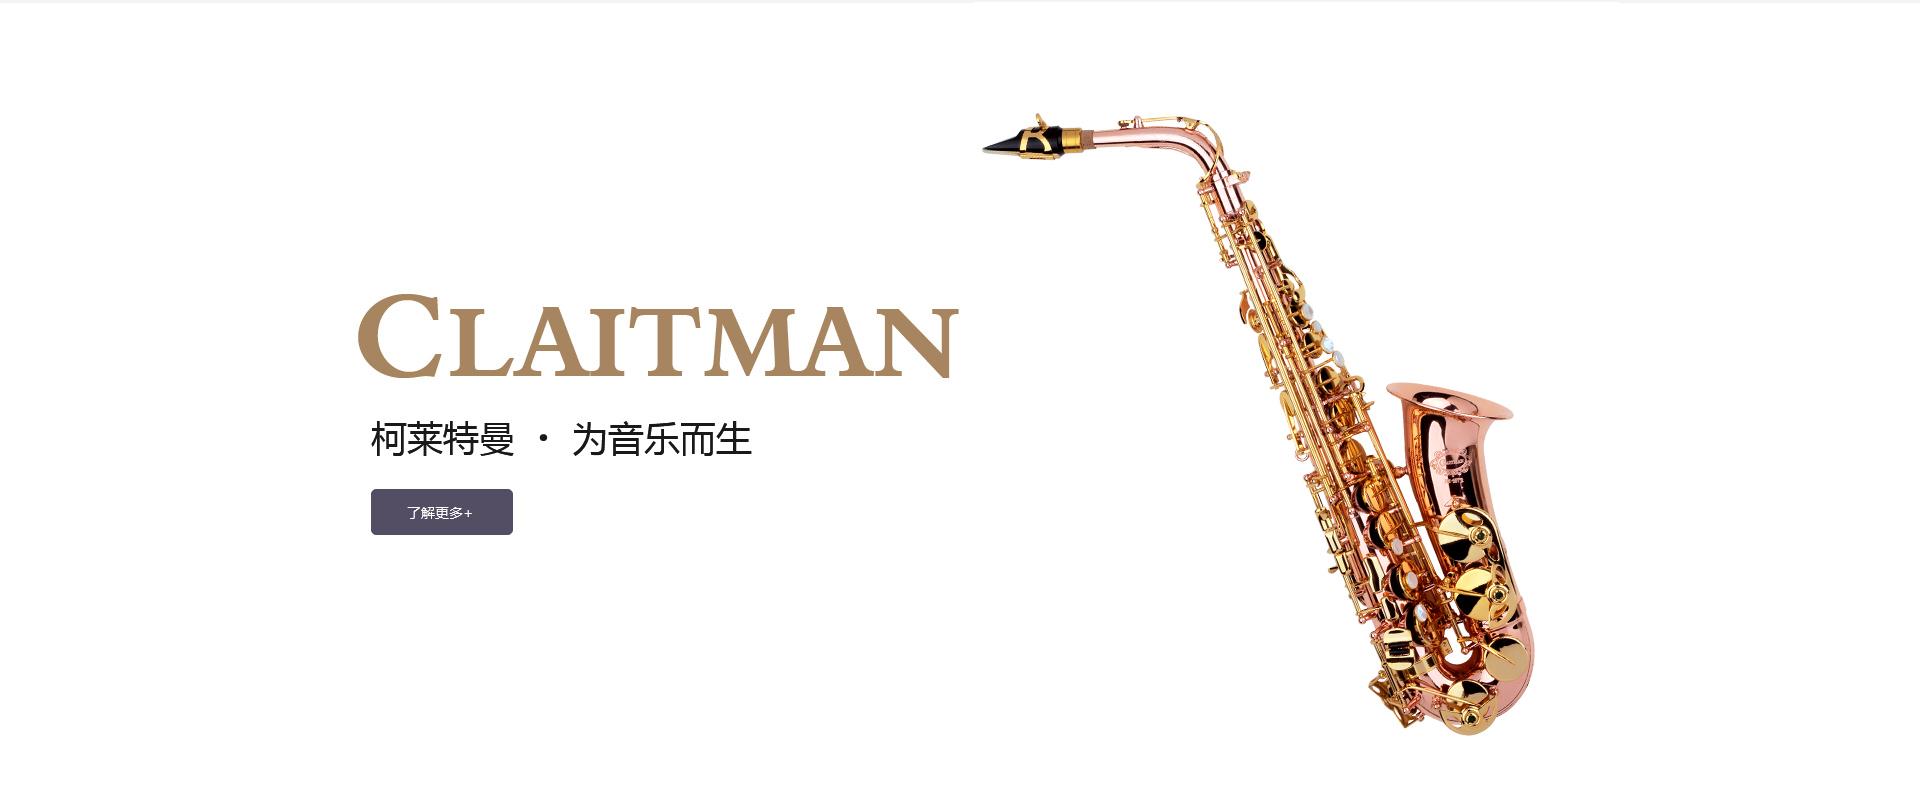 萨克斯-烟台柯莱特曼乐器